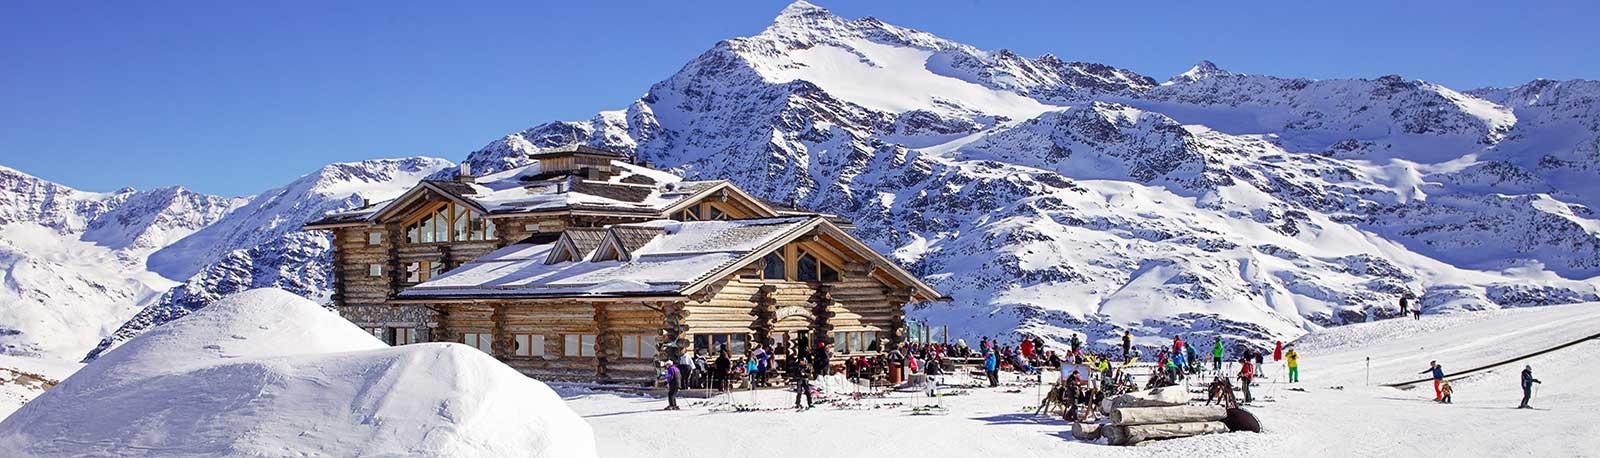 Santa Caterina School Ski Trips